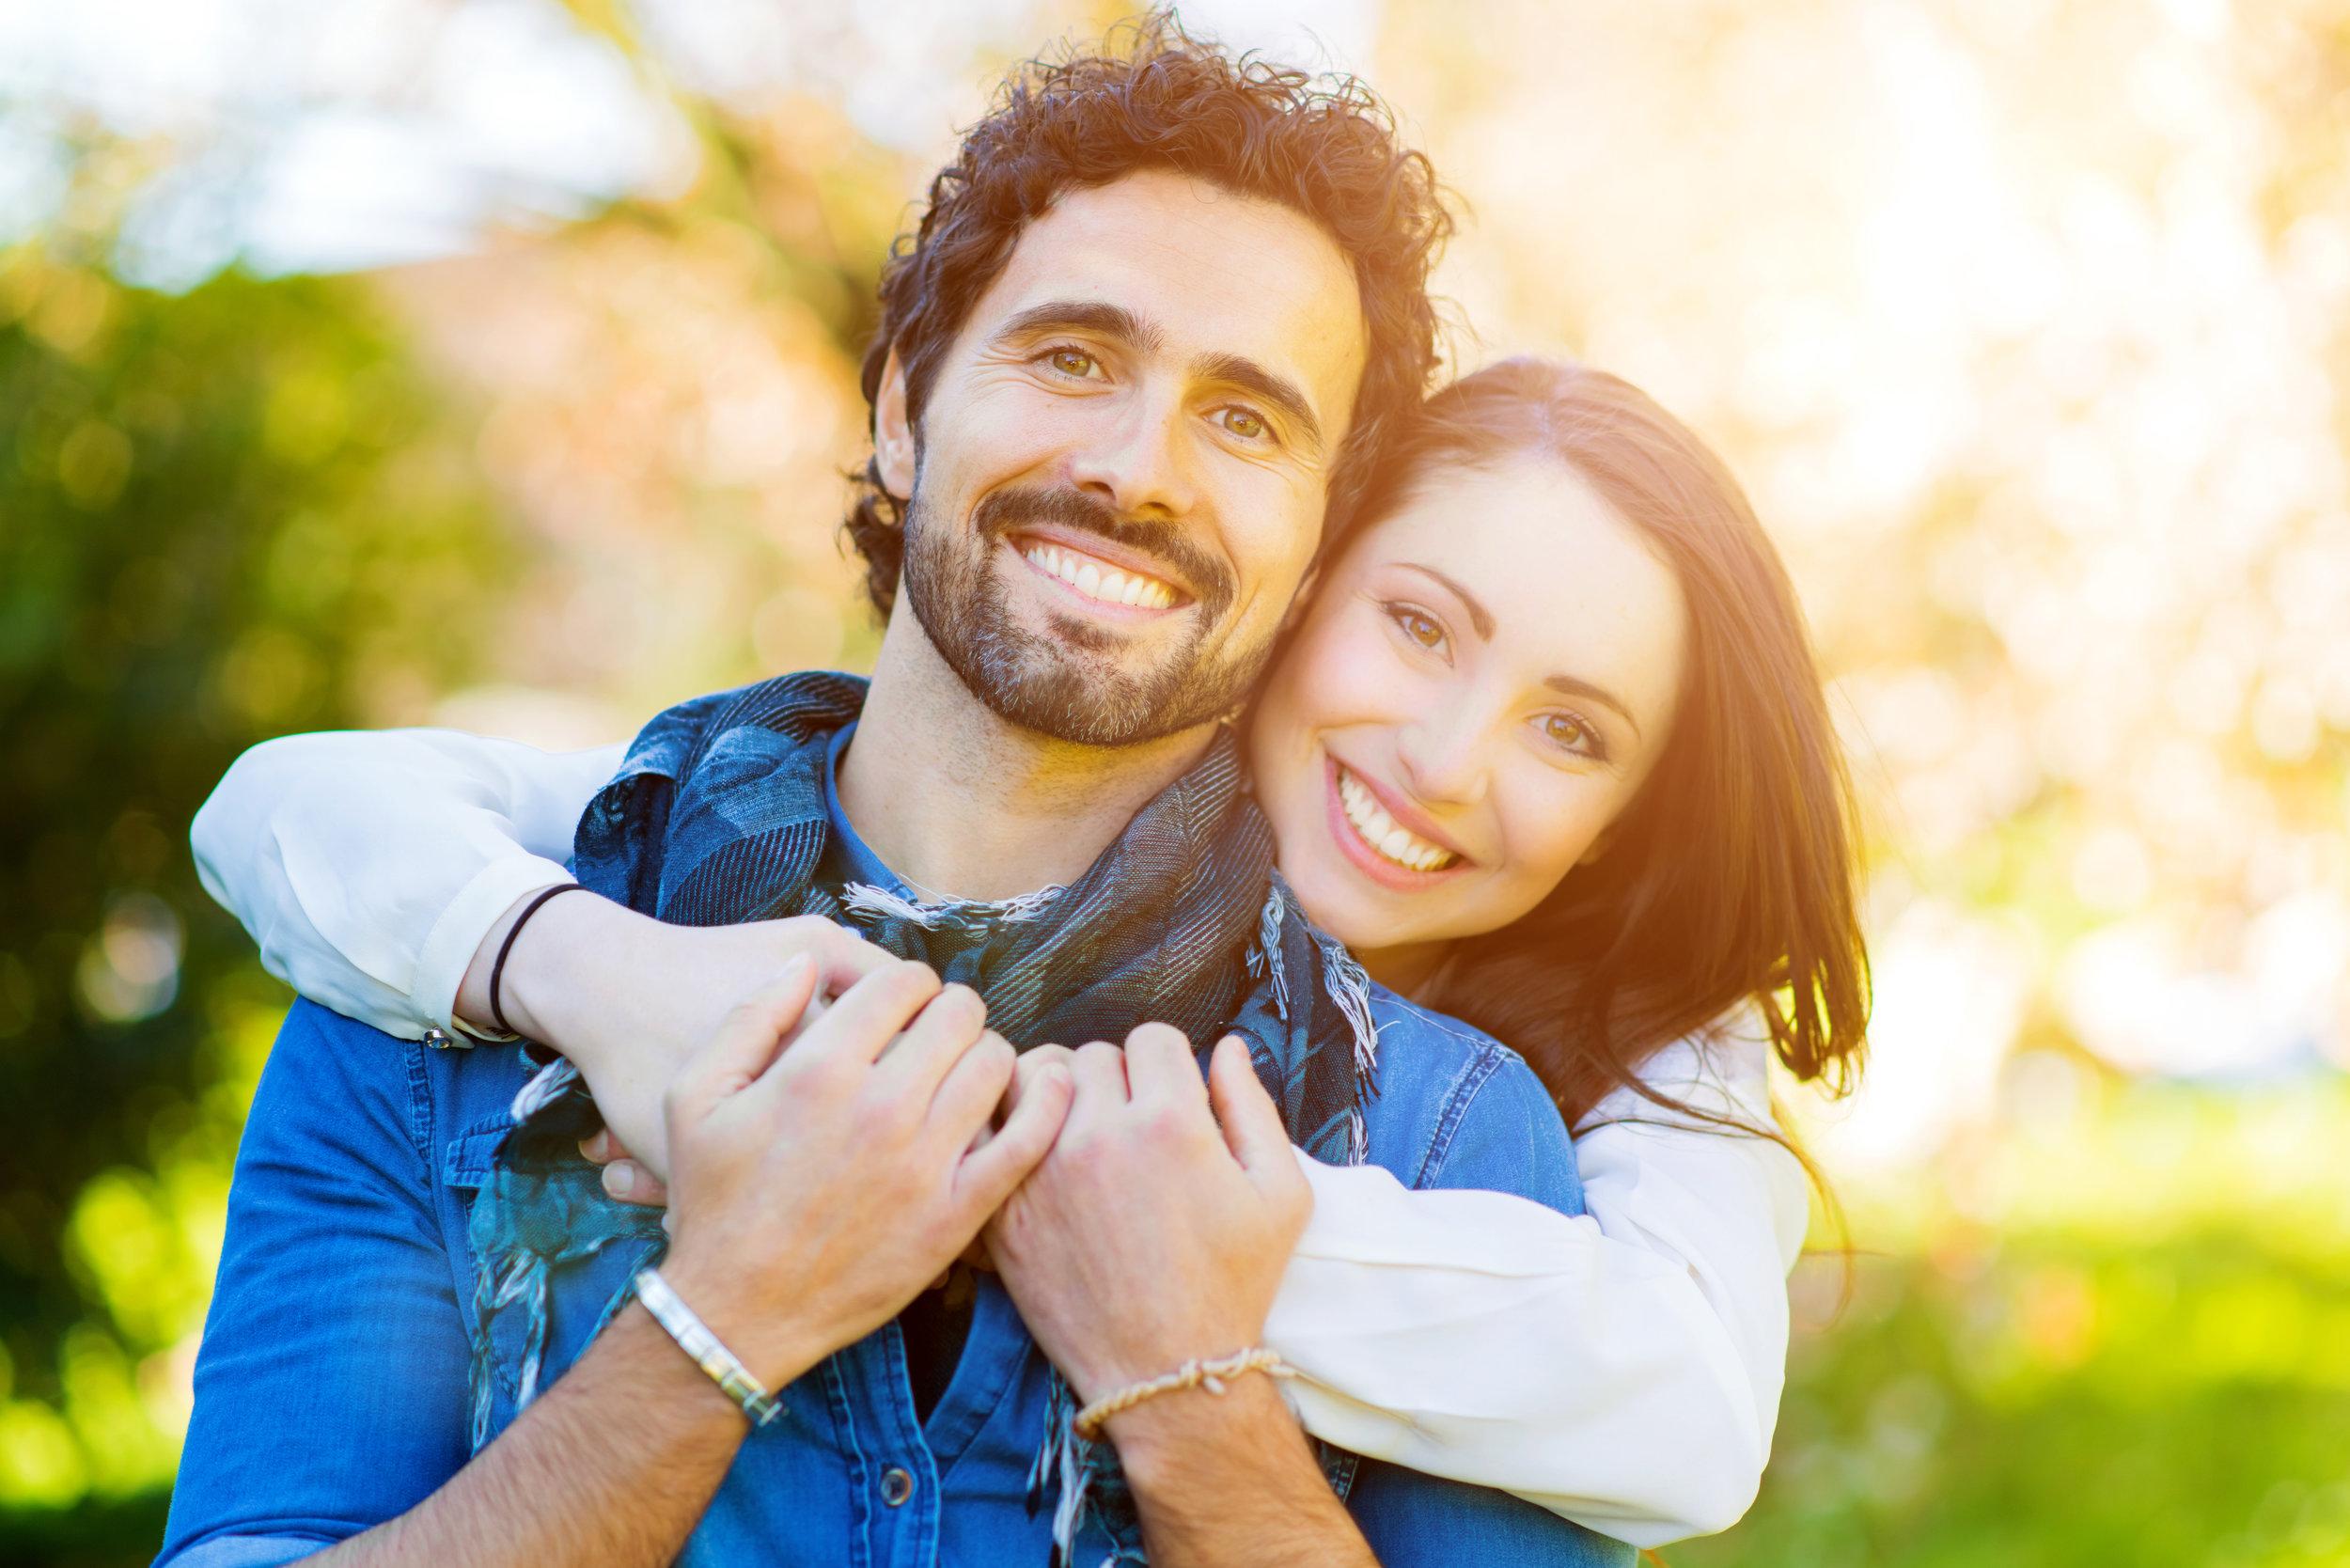 Smiling_Couple_Outside.jpg